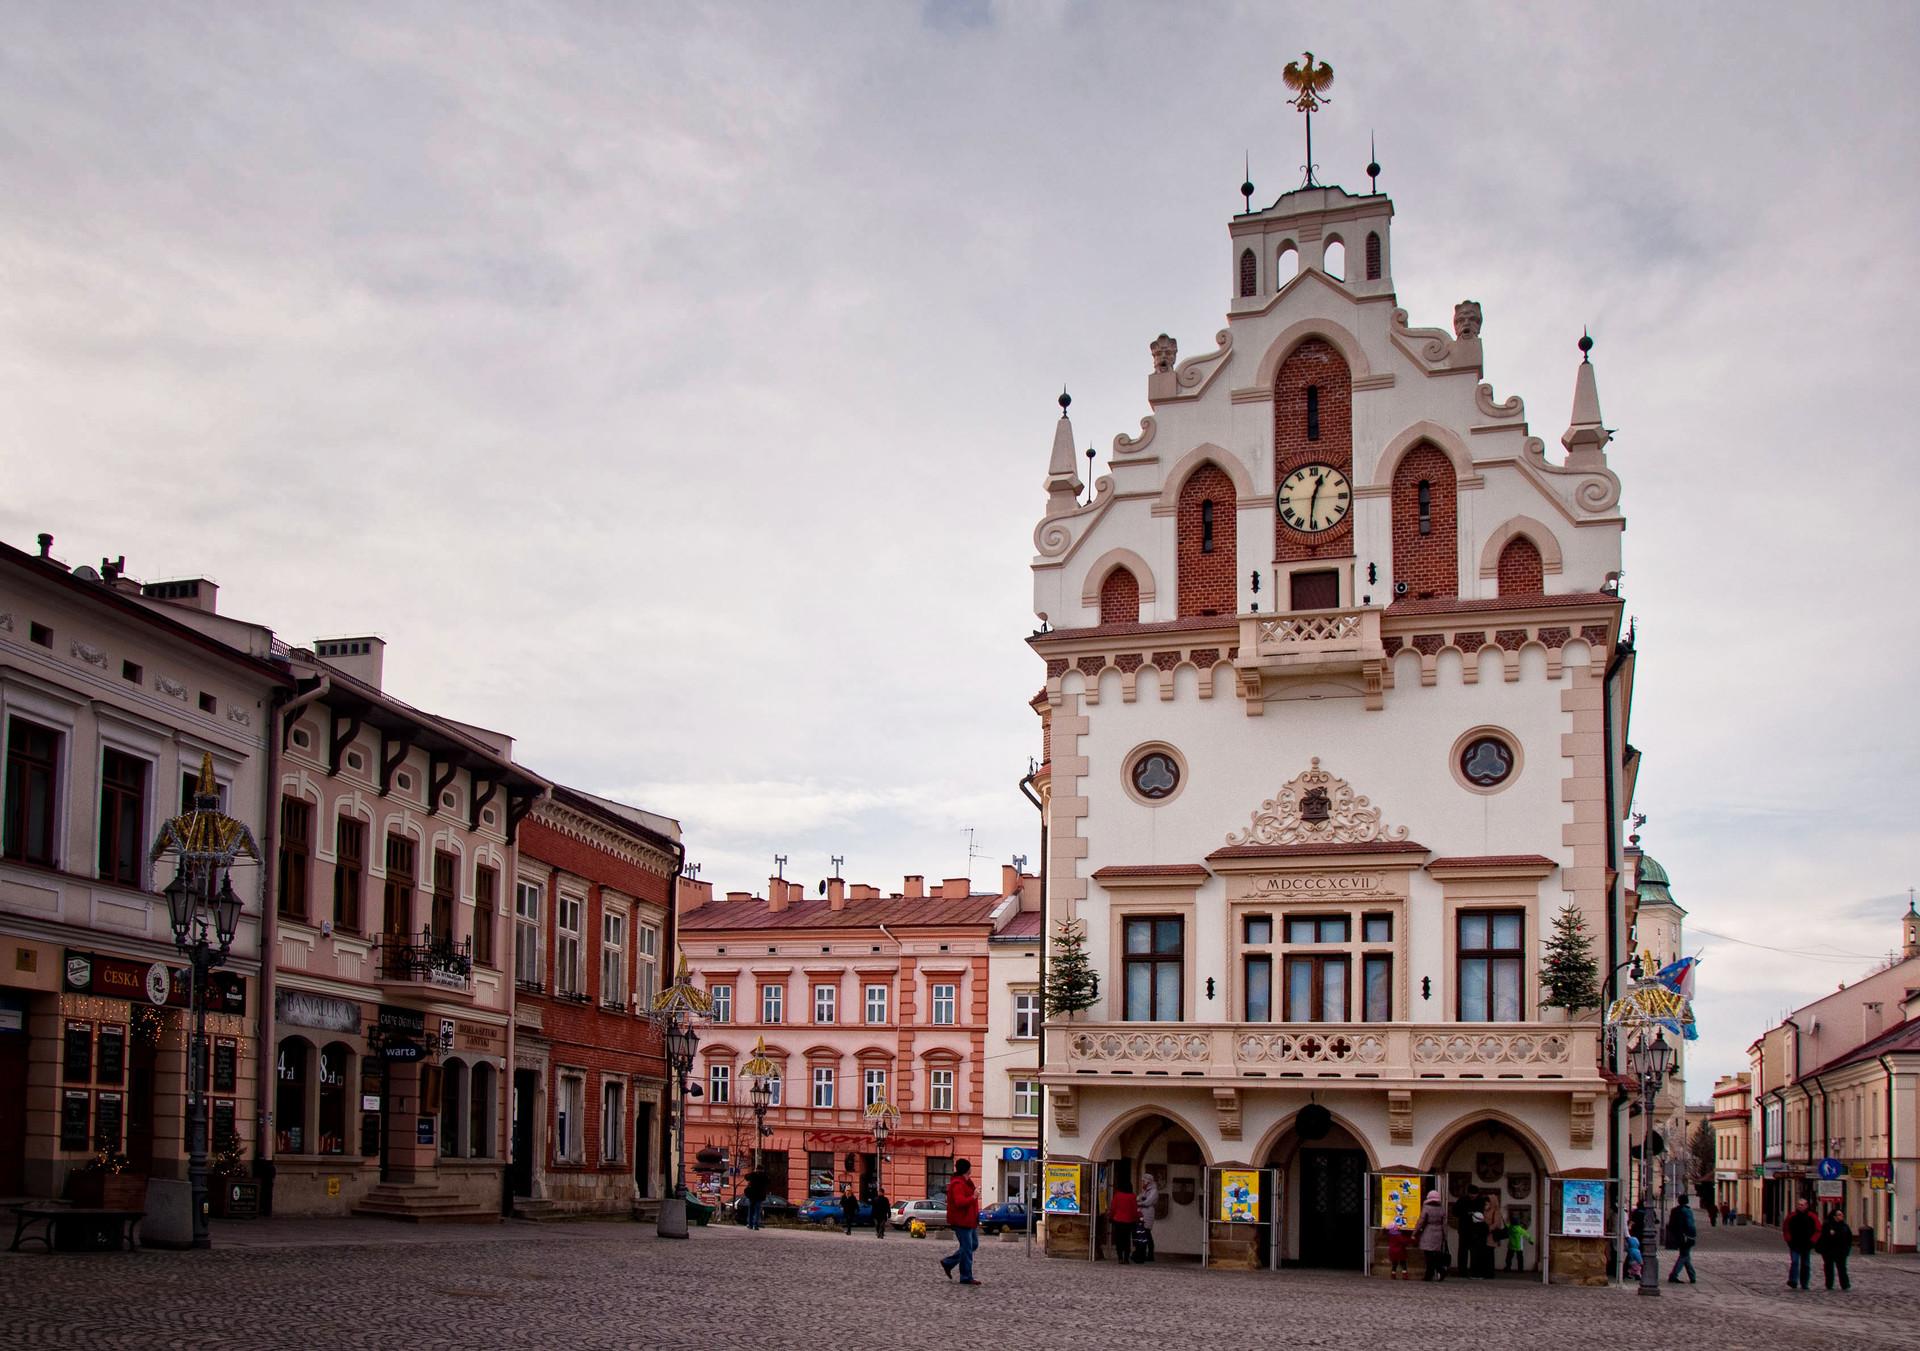 Experiência em Rzeszow, Polónia, por Pop!!